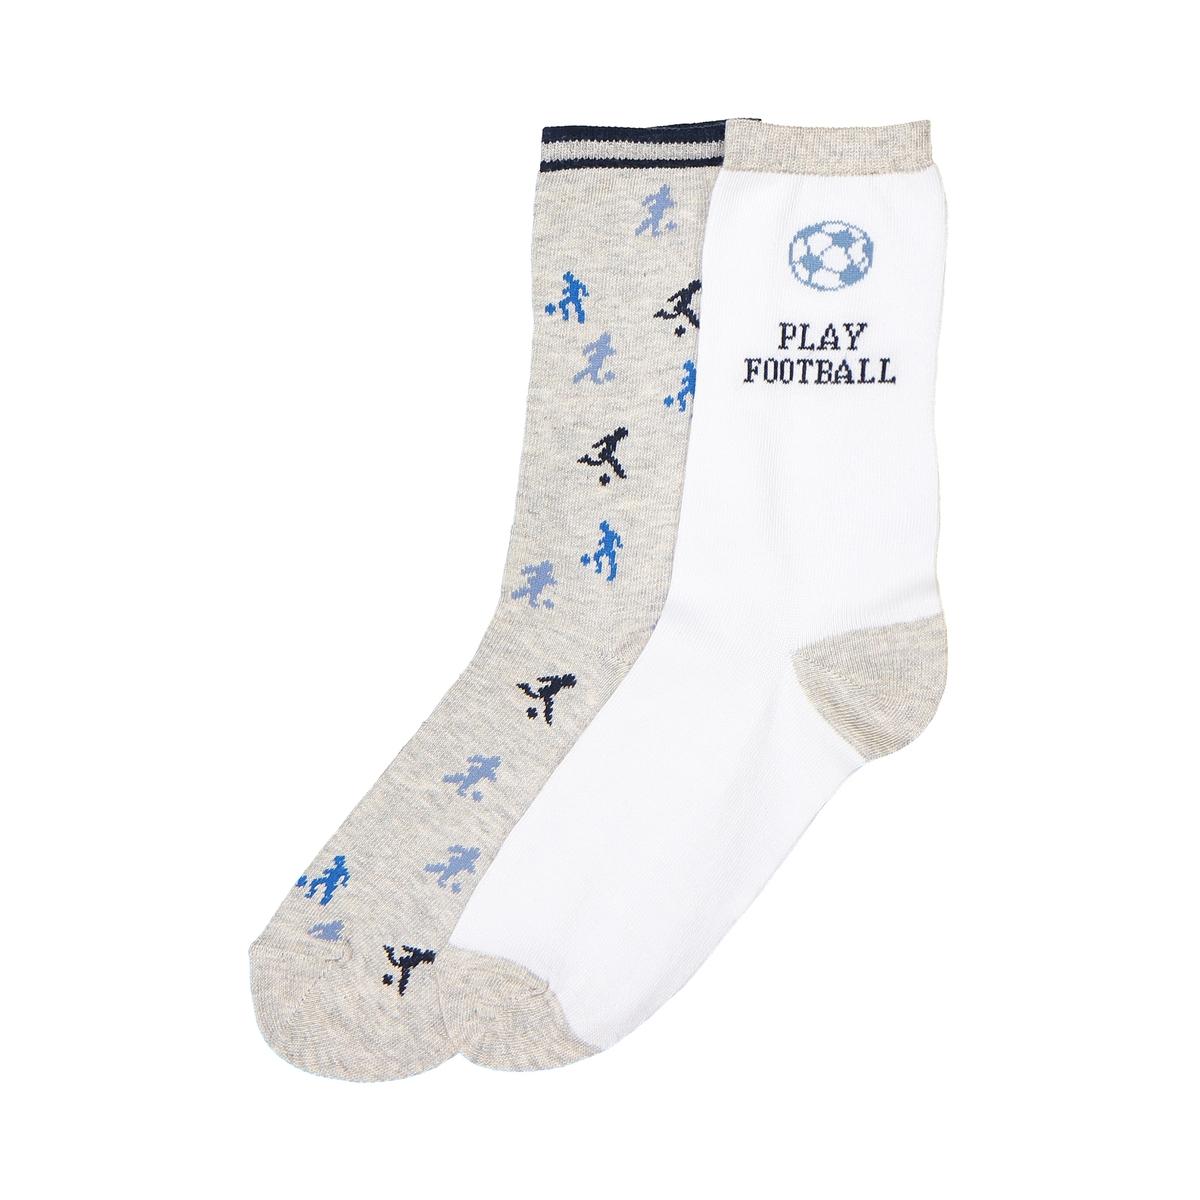 Носки с футбольной тематикой, комплект из 2 пар